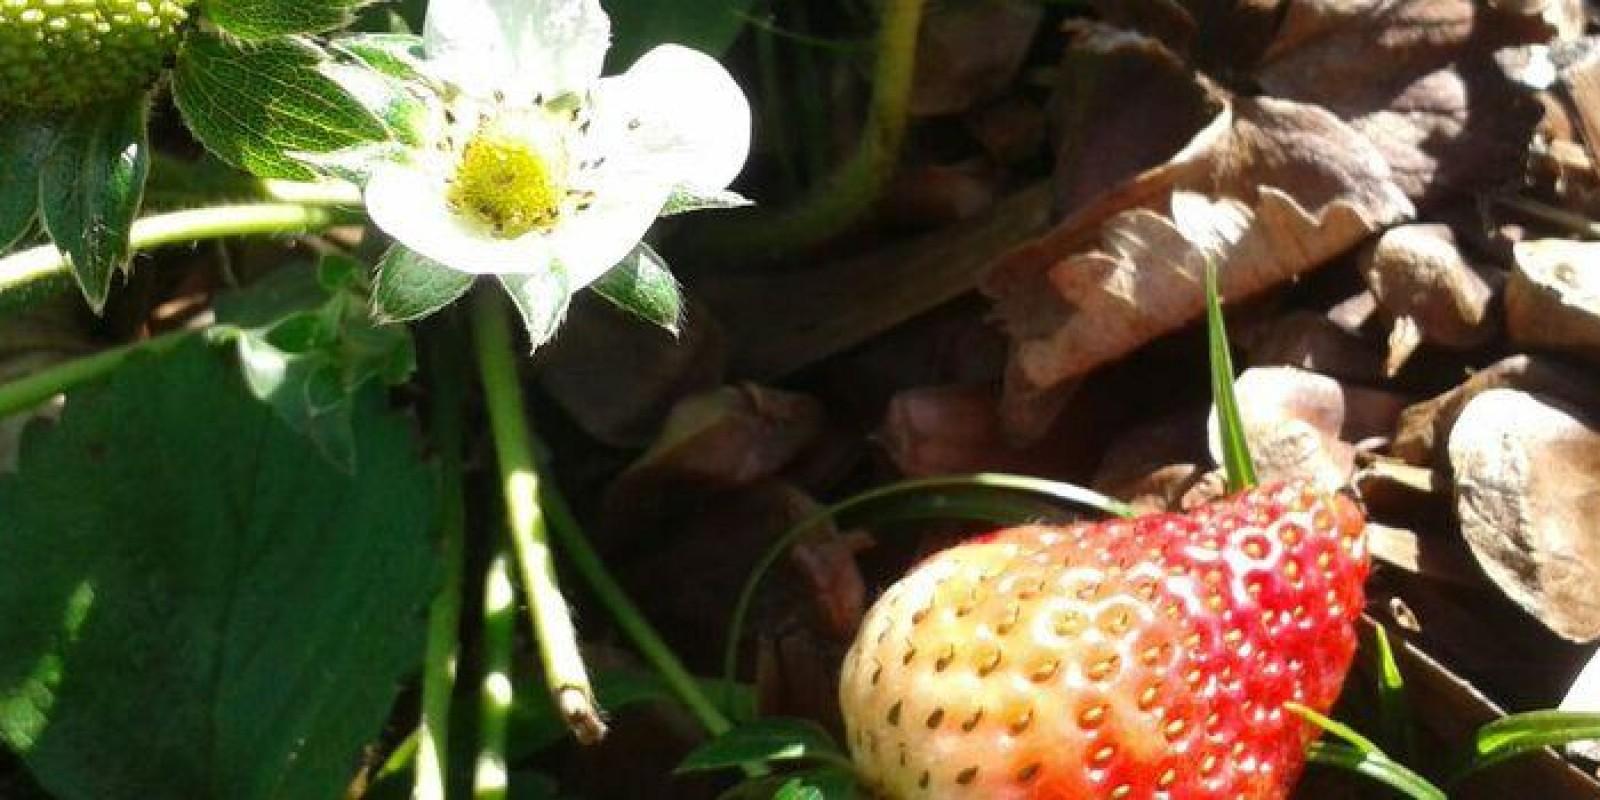 Produção de 'berries' avança e exportações de frutas tradicionais crescem em Minas Gerais